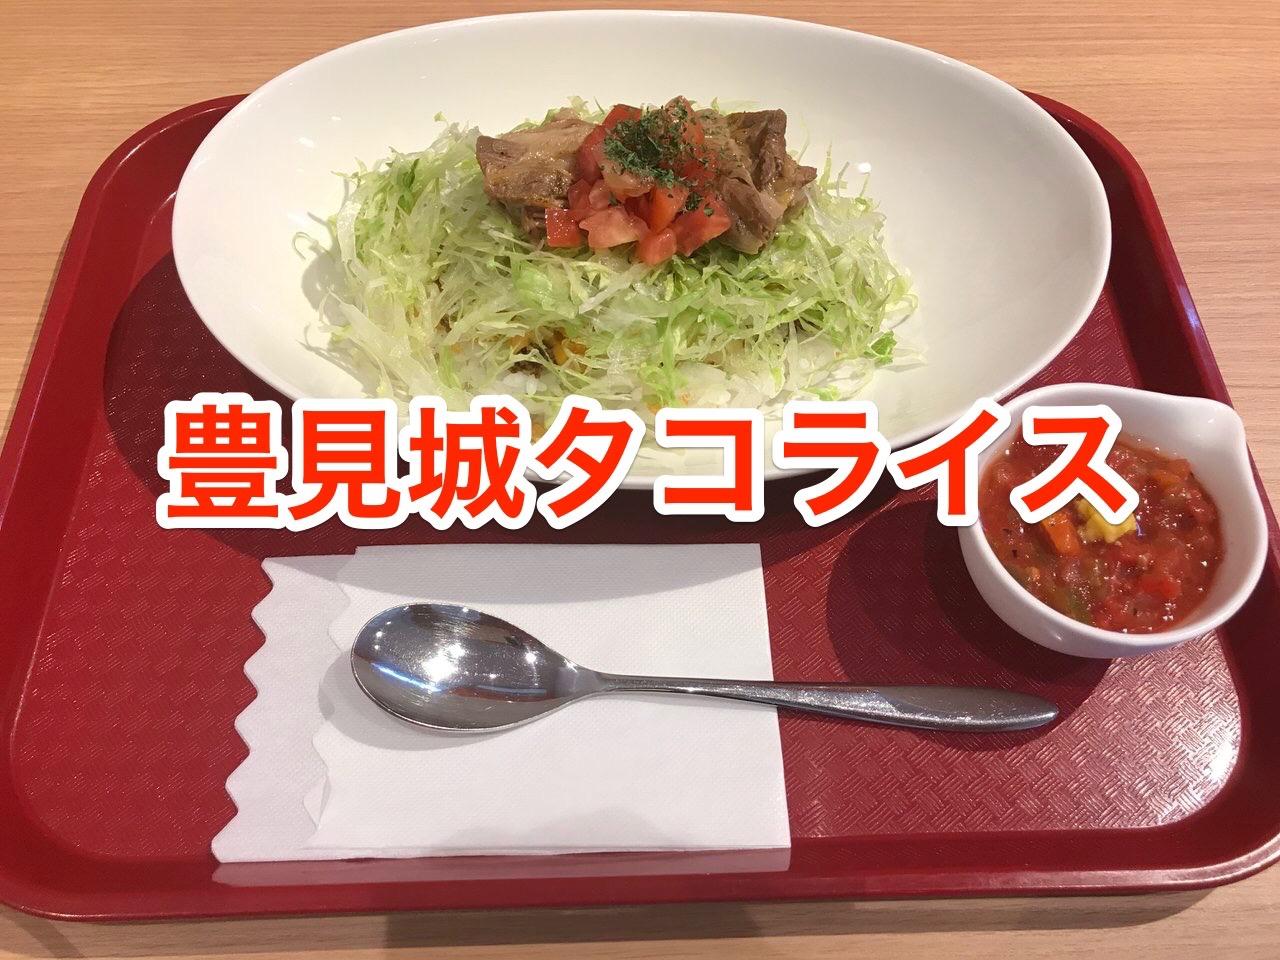 「豊見城タコライス」沖縄でタコライス【駐車場&メニュー】